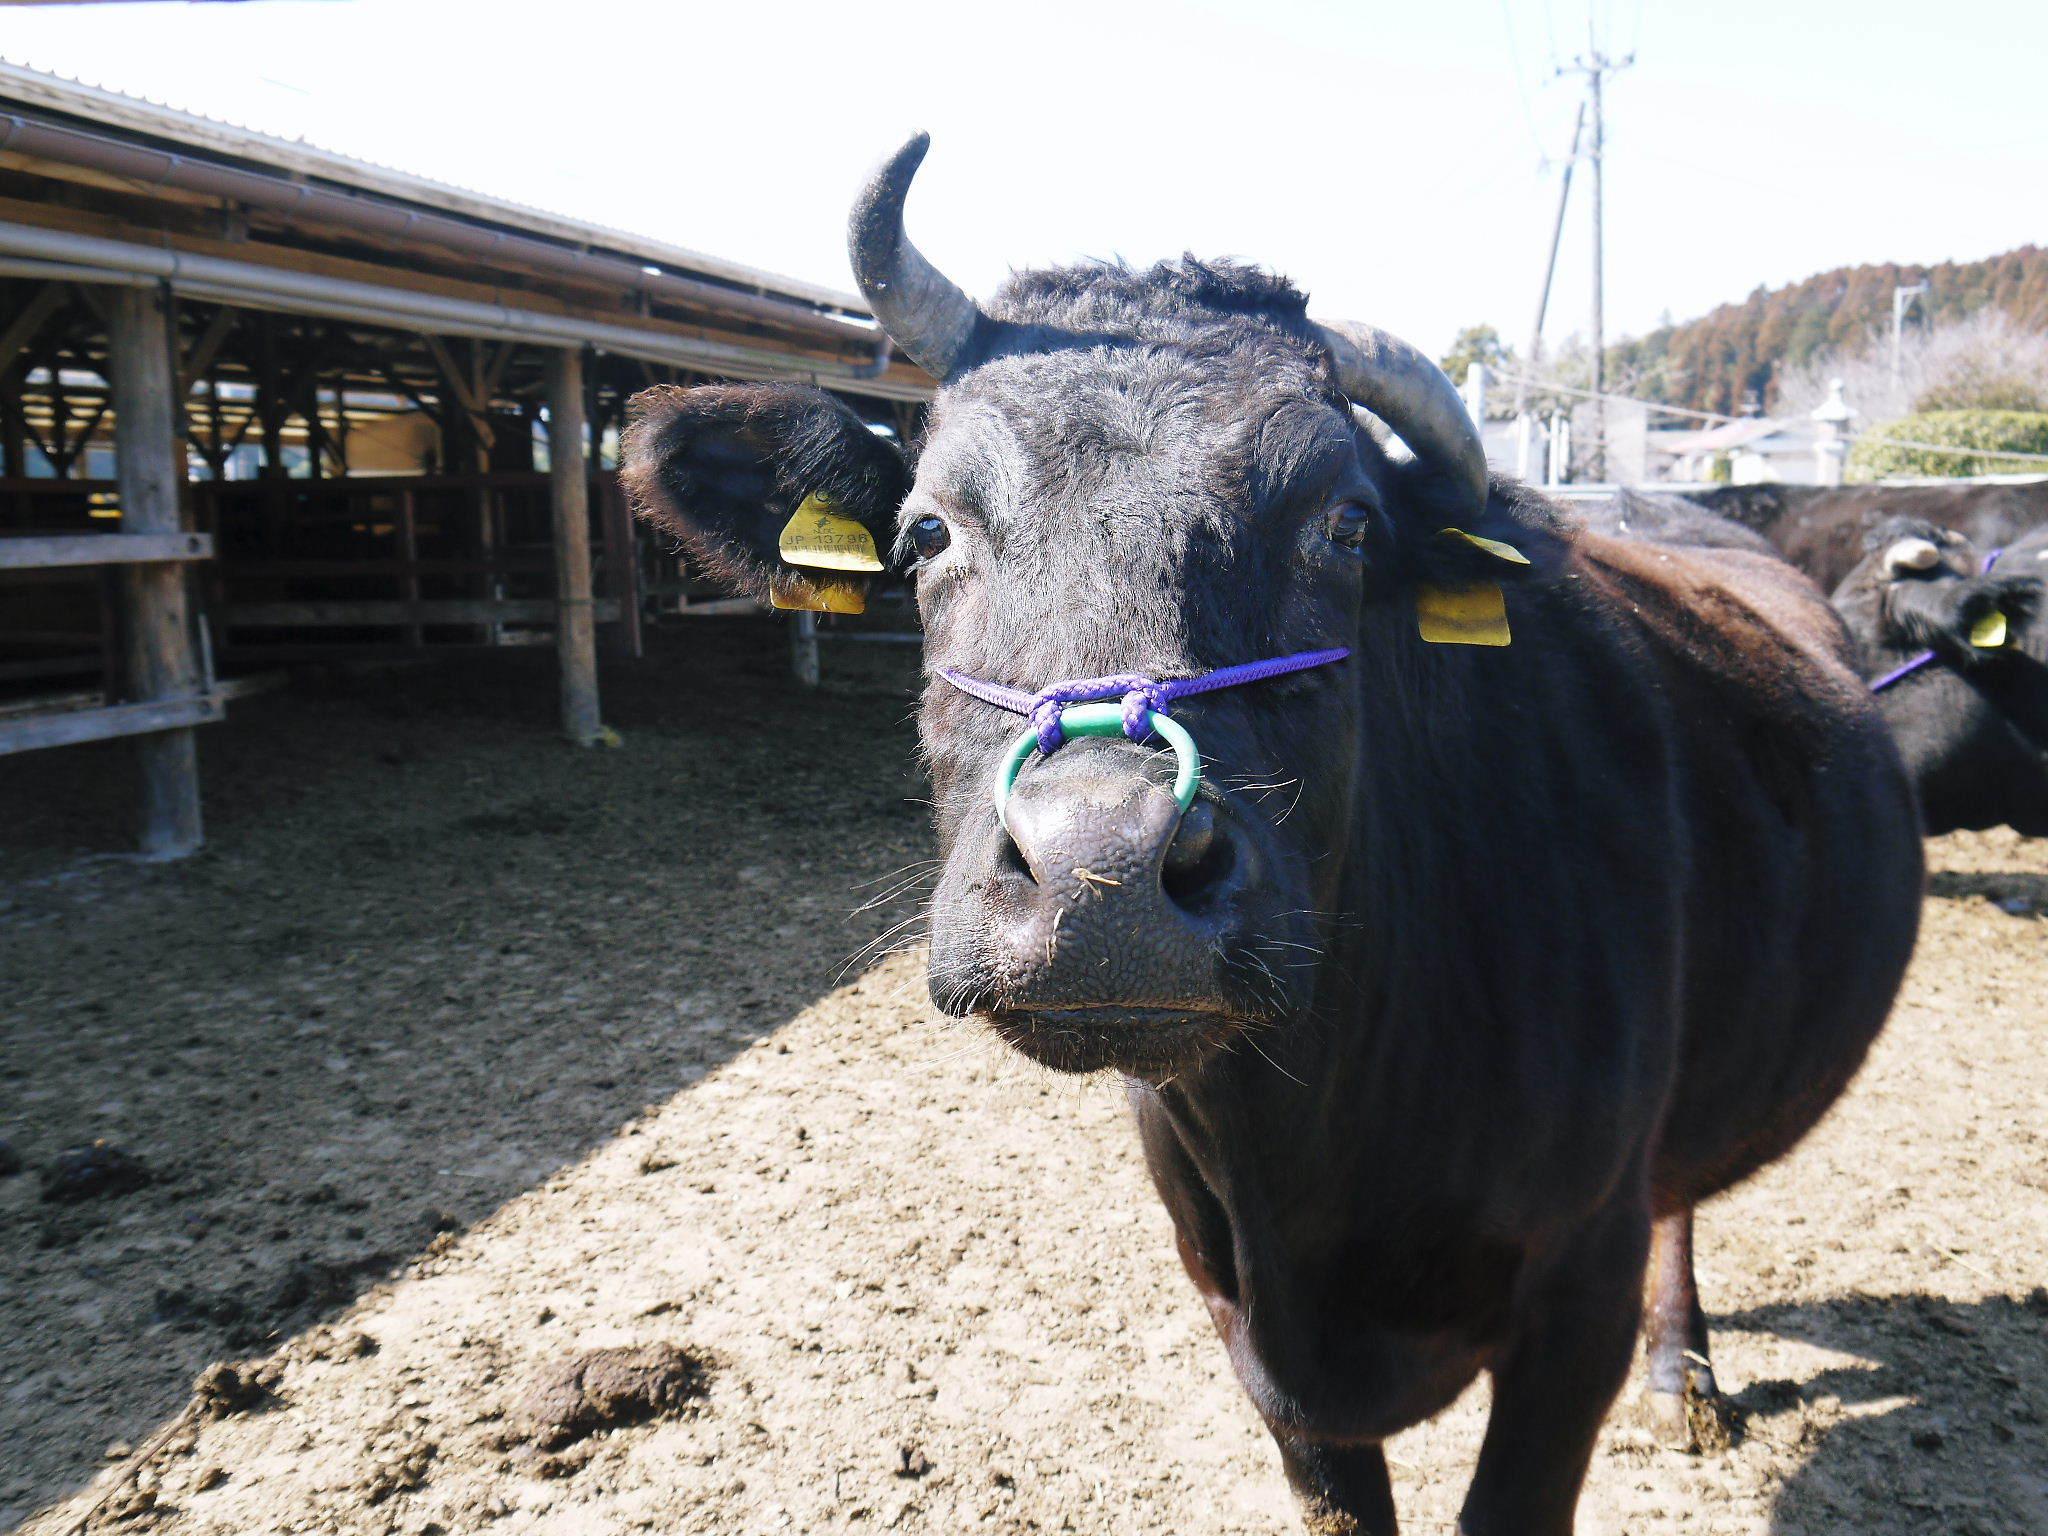 大人気!熊本県産A5ランク黒毛和牛100%のハンバーグステーキ!毎月1回の限定販売!3月は24日発送! _a0254656_18345353.jpg